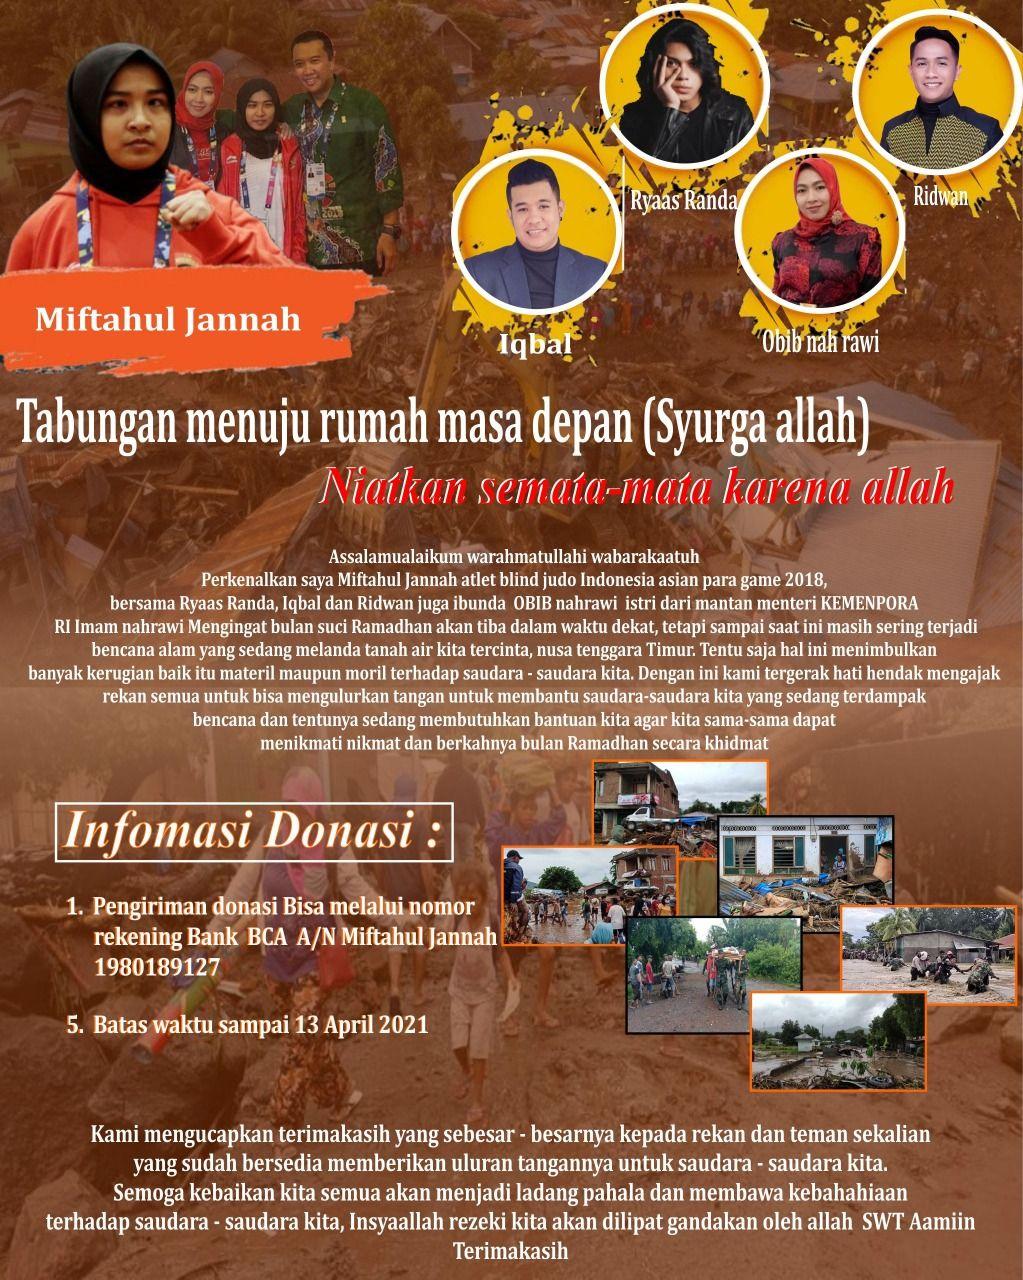 Atlet blind judo Indonesia Miftahul Jannah menggalang donasi bagi para korban banjir dan longsor NTT.